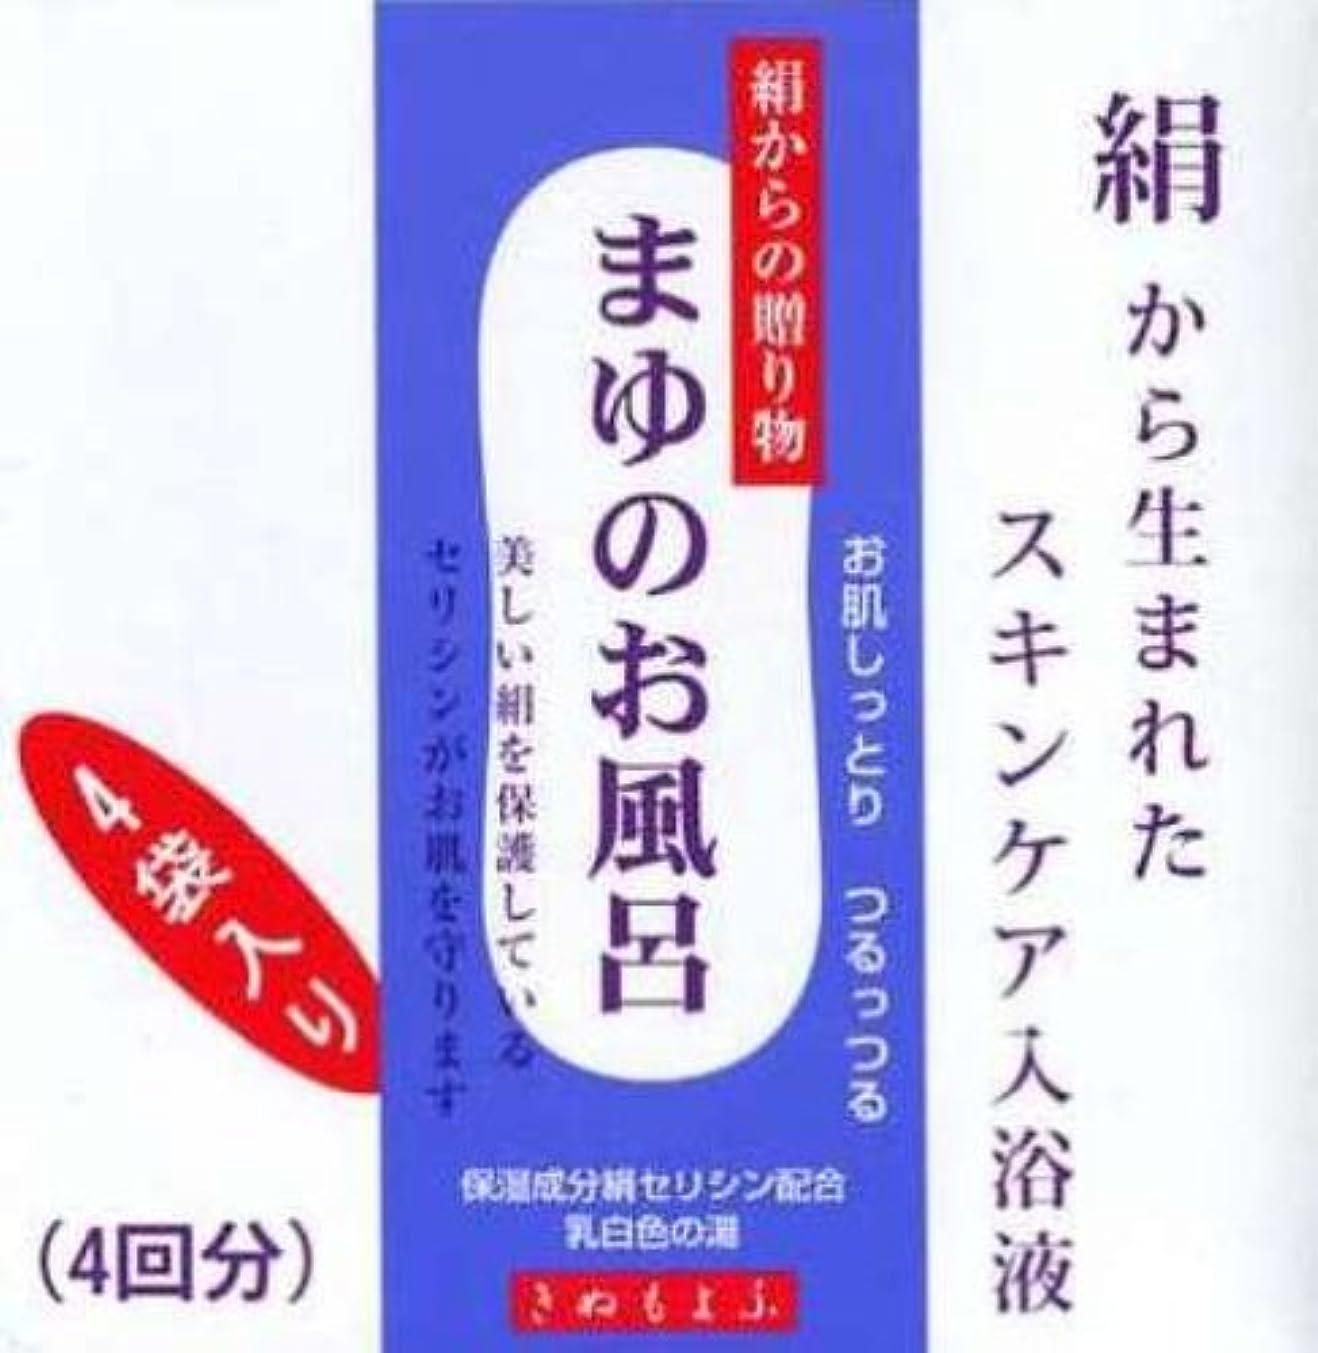 ジャグリング資源記念日まゆシリーズ きぬもよふ まゆのお風呂 25ml(1回分×4袋)